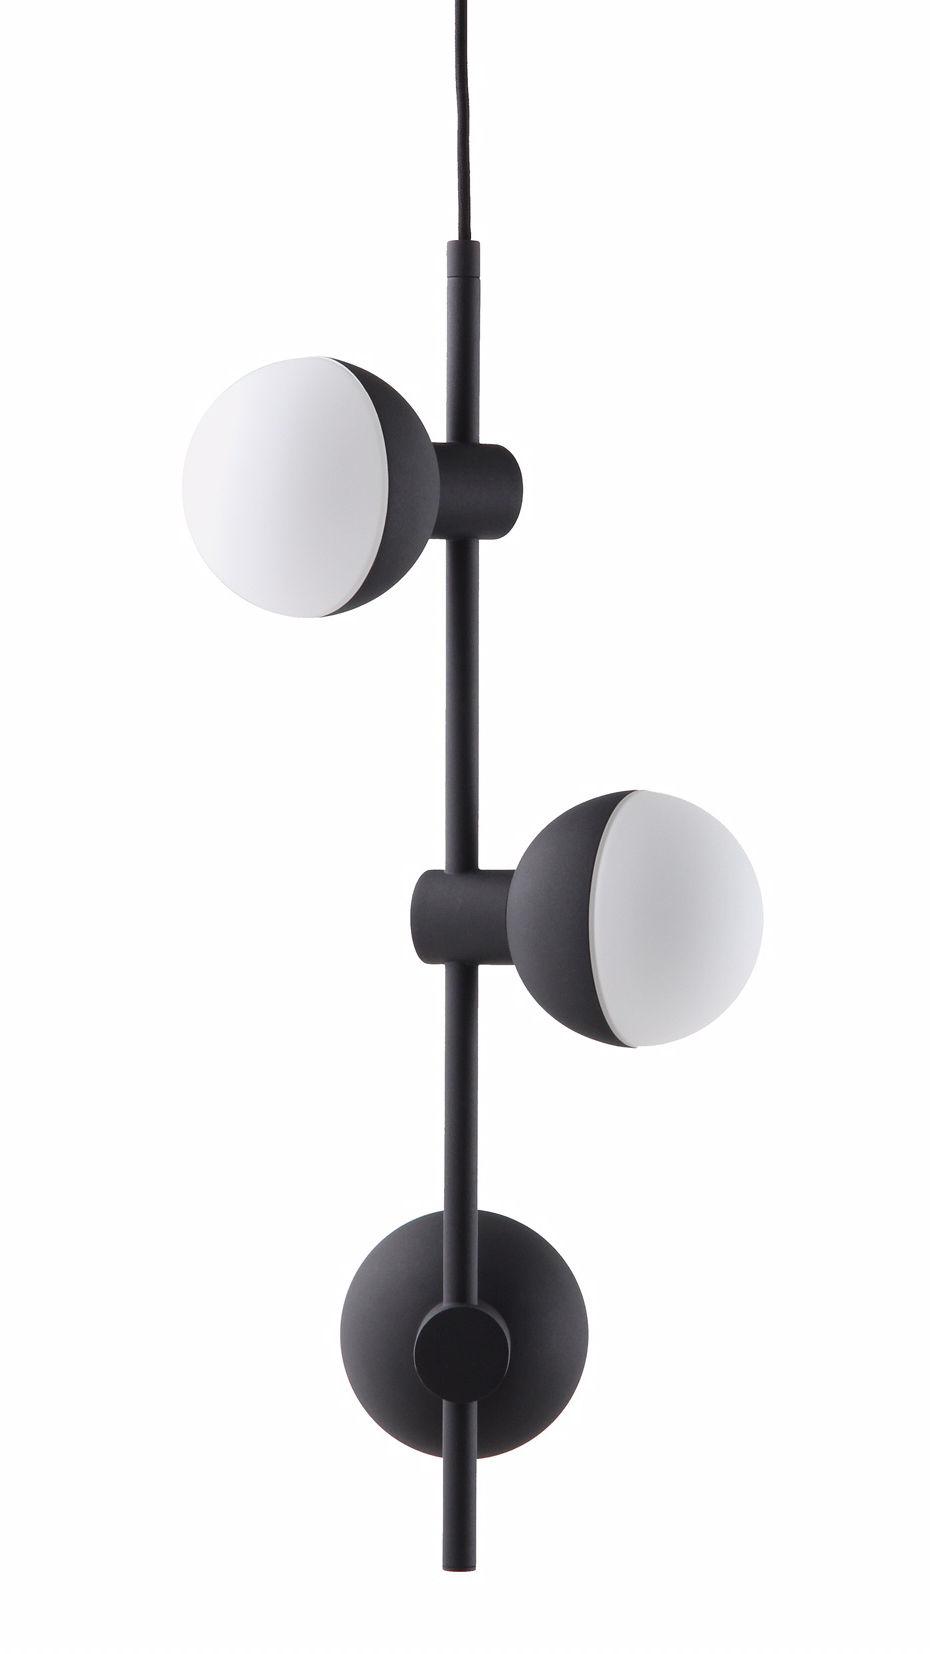 Illuminazione - Lampadari - Sospensione Fabian - / 3 spot verticali - H 62 cm di Frandsen - Nero opaco - metallo verniciato, Vetro